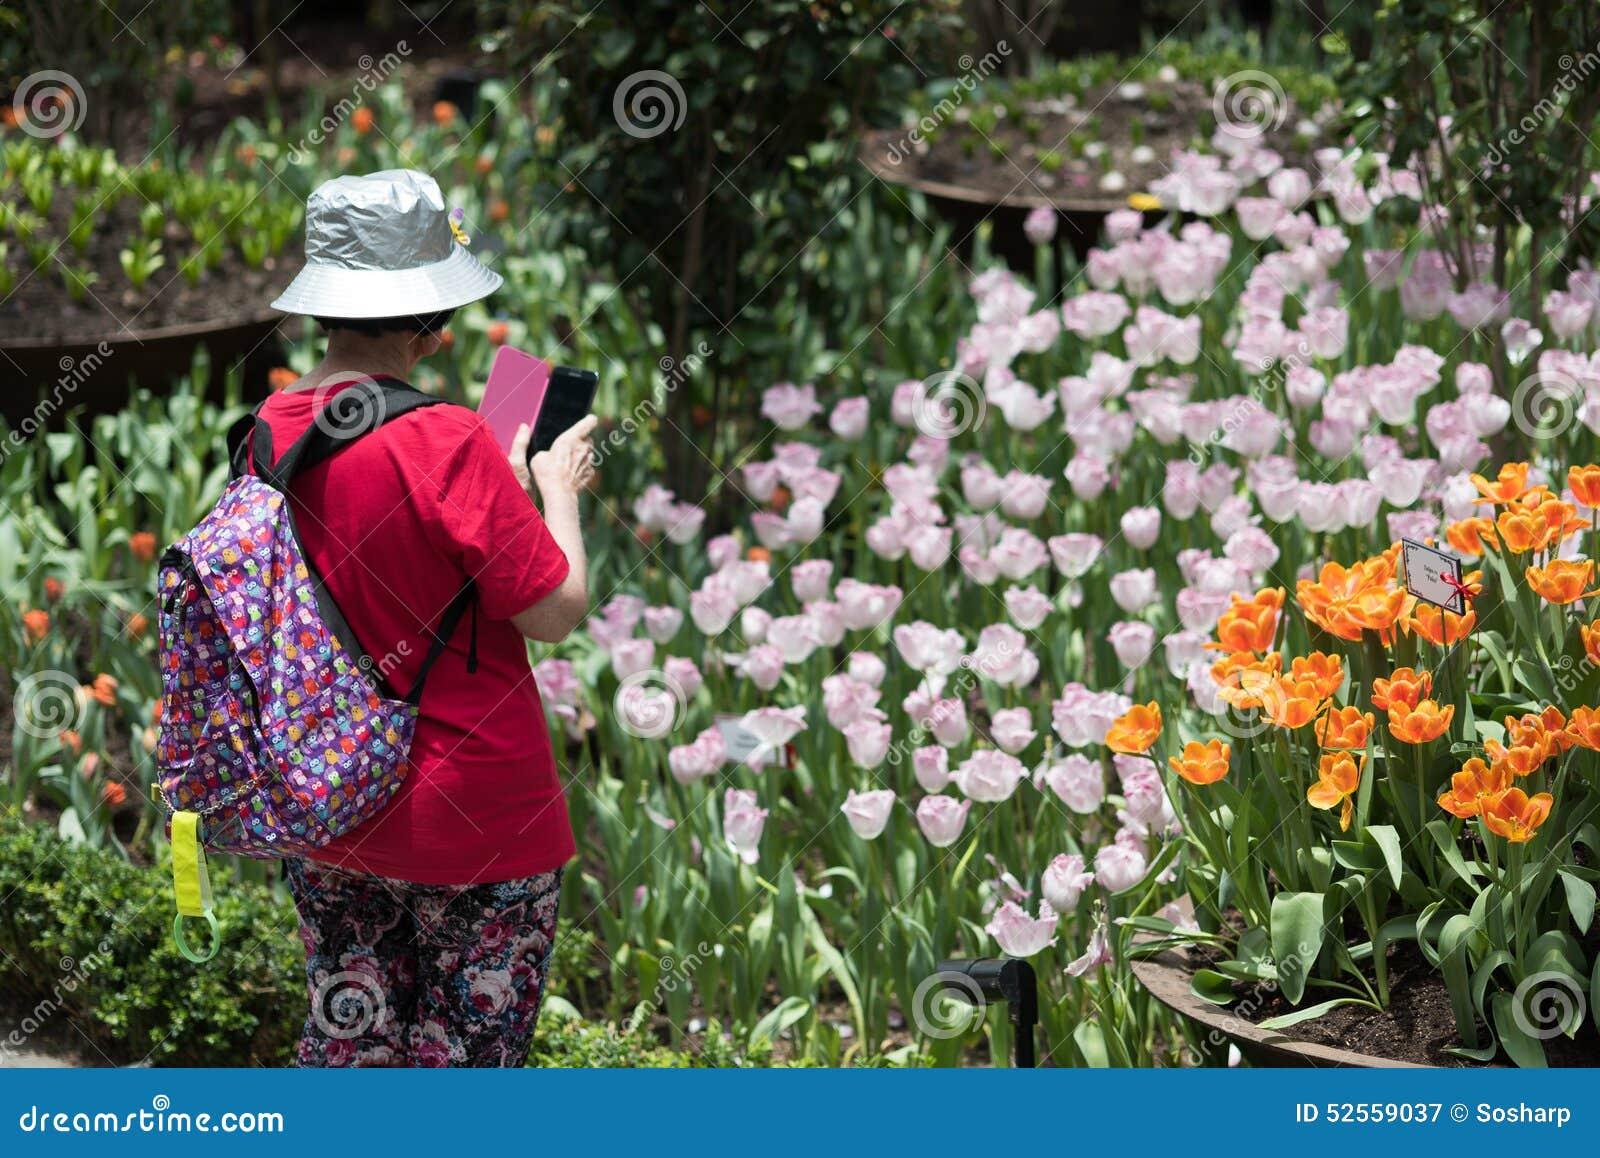 Garden By The Bay Meadow tulipmania 2015 gardensthe bay singapore editorial photography